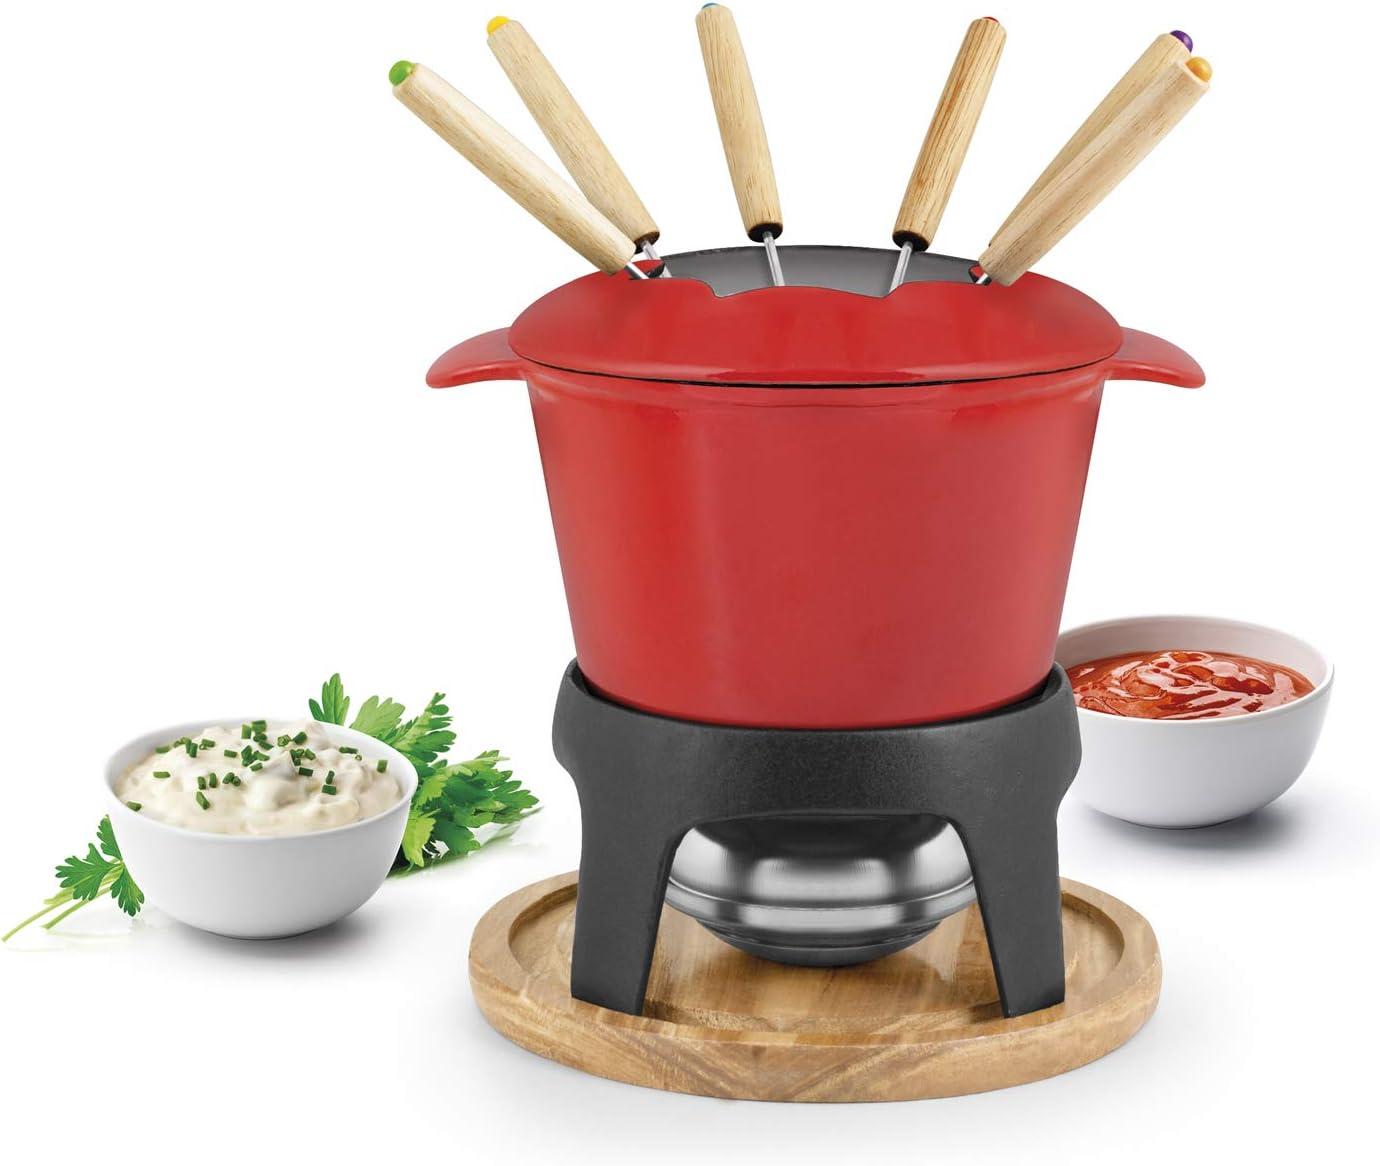 H&H 728181 - Servicio de fondue de hierro fundido, 11 piezas ...